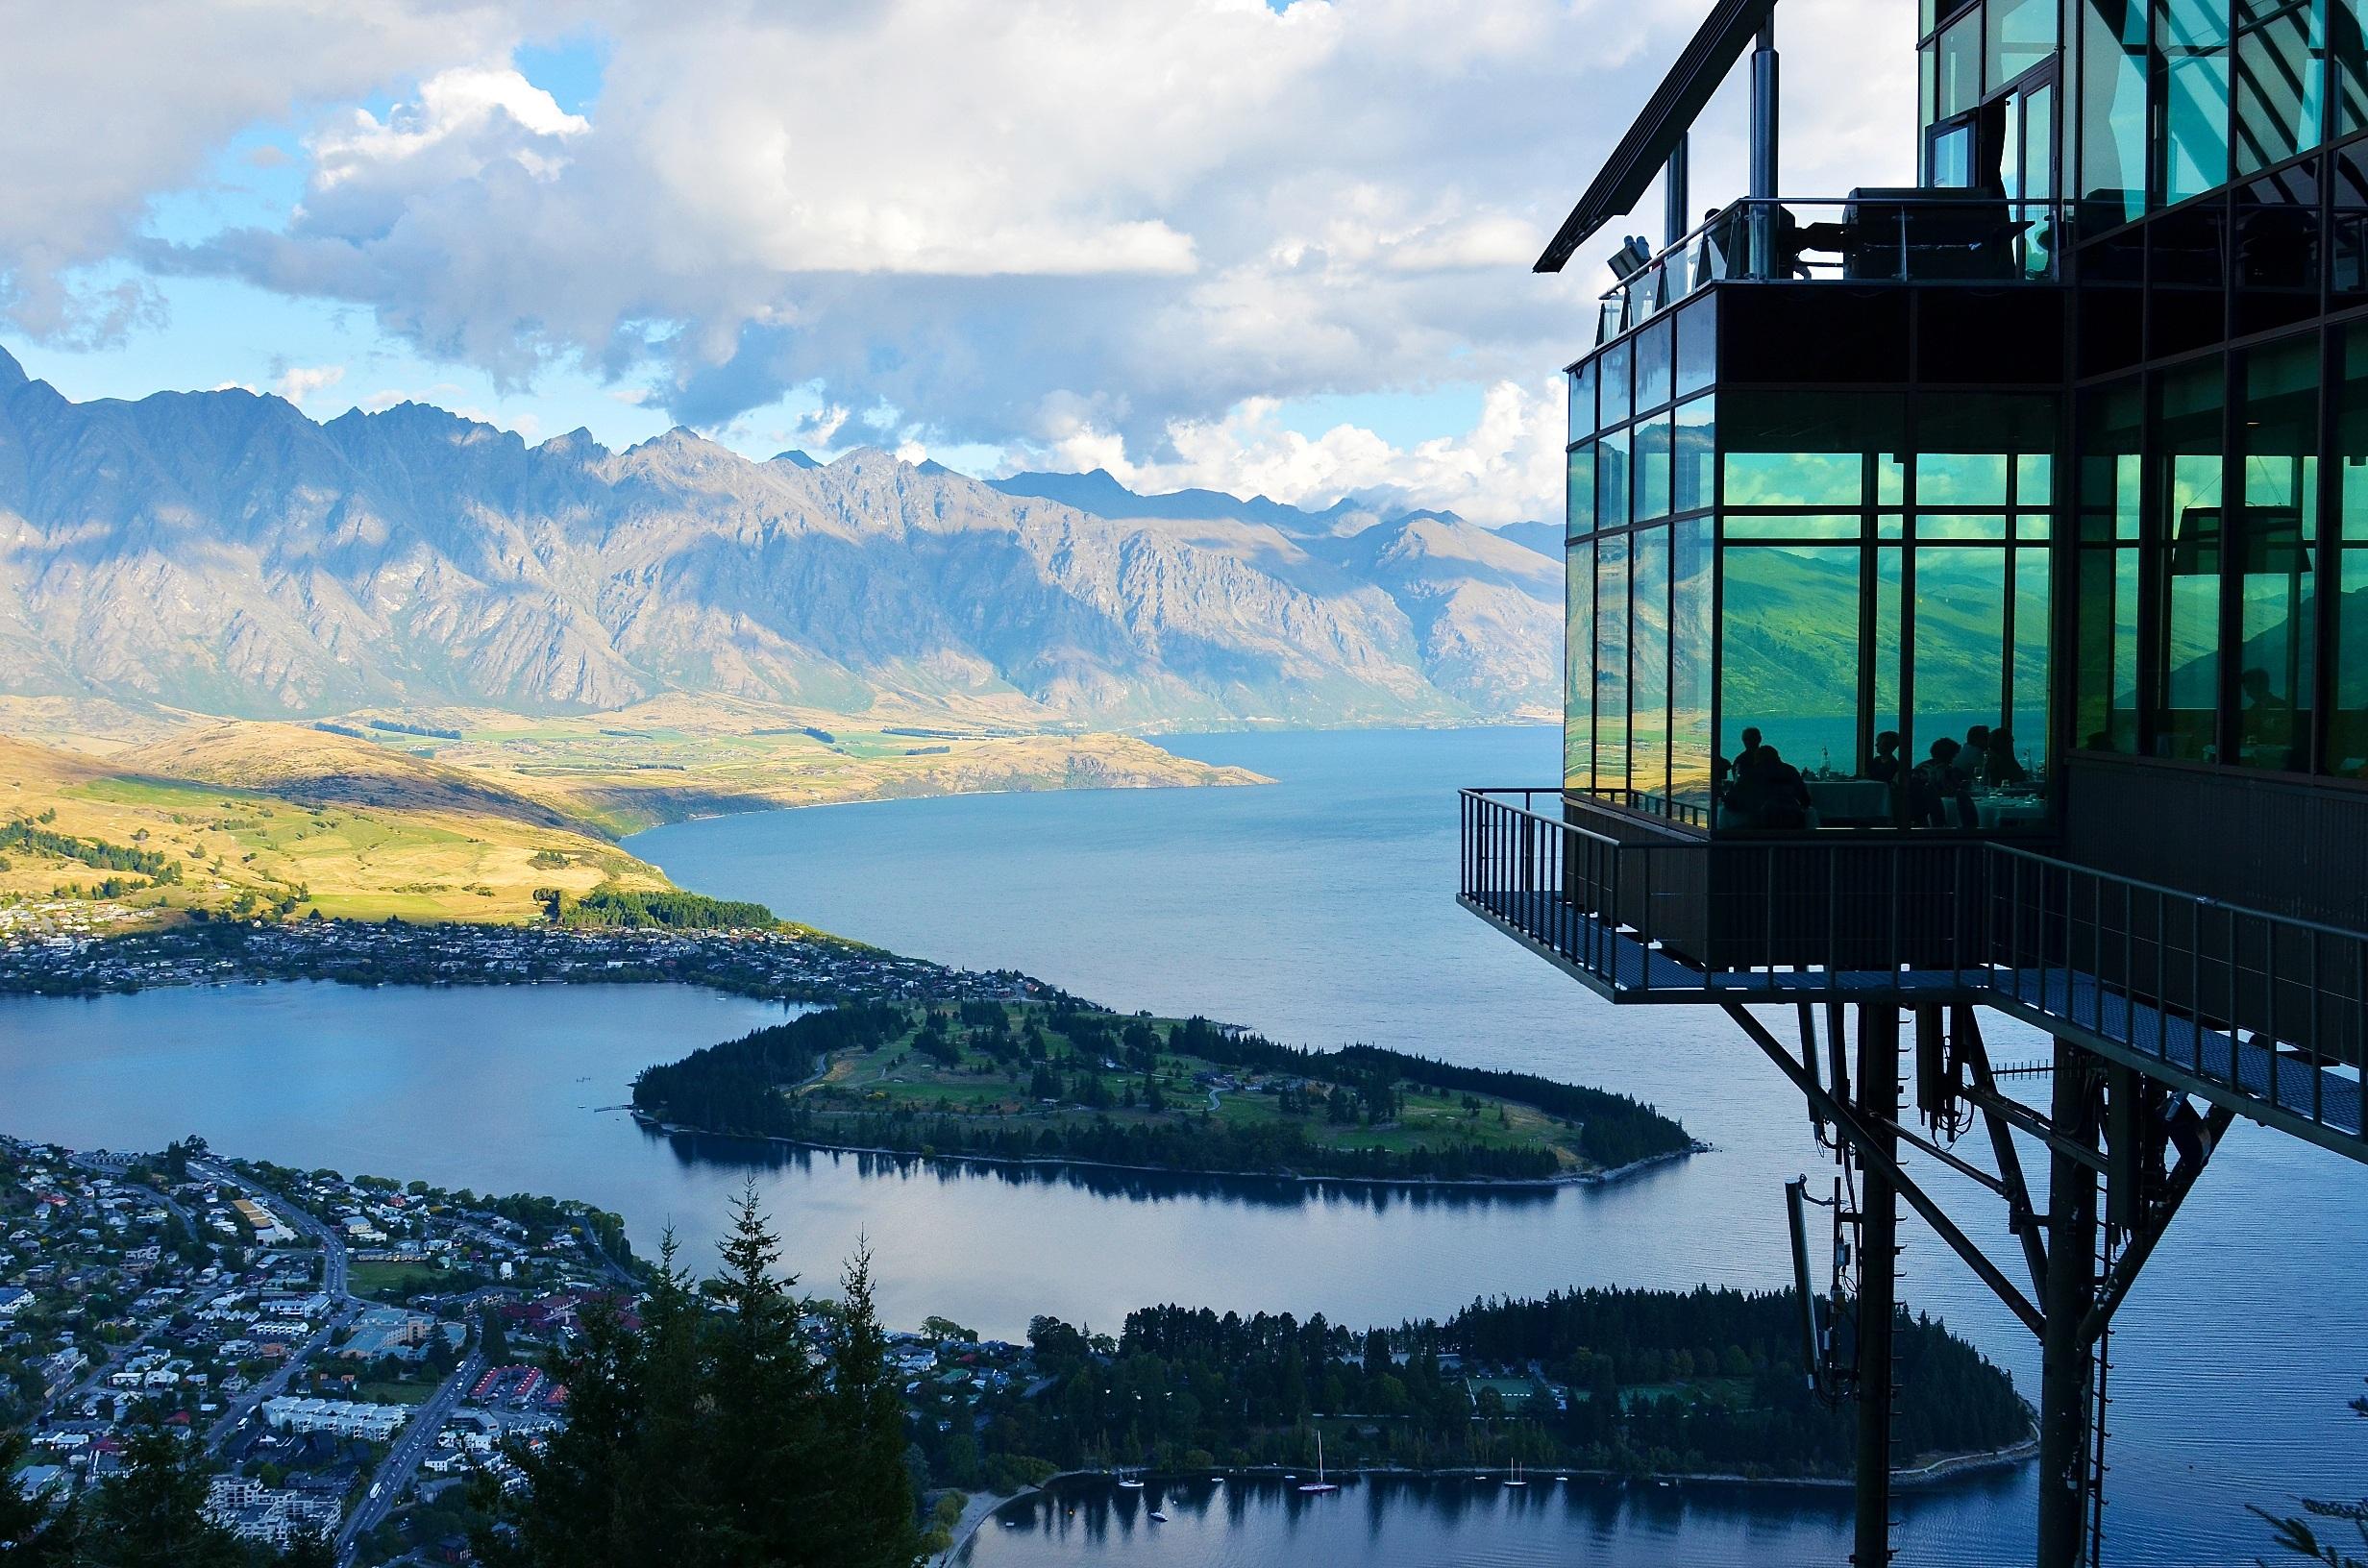 Melhores destinos para fazer intercâmbio Nova Zelandia